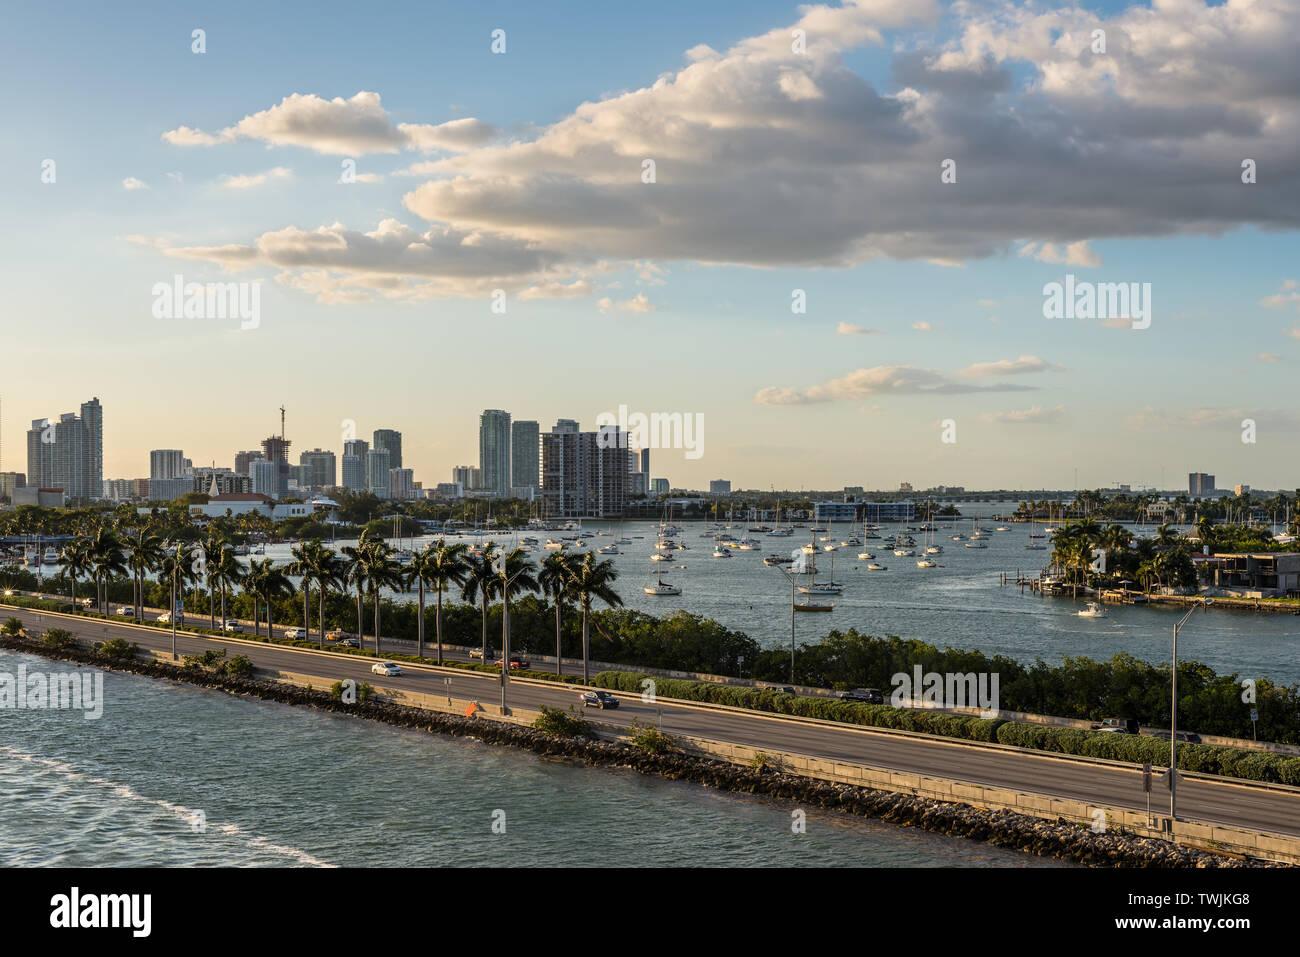 Miami, FL, United States - 20 Avril 2019: Avis de MacArthur Causeway et la baie de Biscayne à Miami, Floride, États-Unis d'Amérique. Banque D'Images